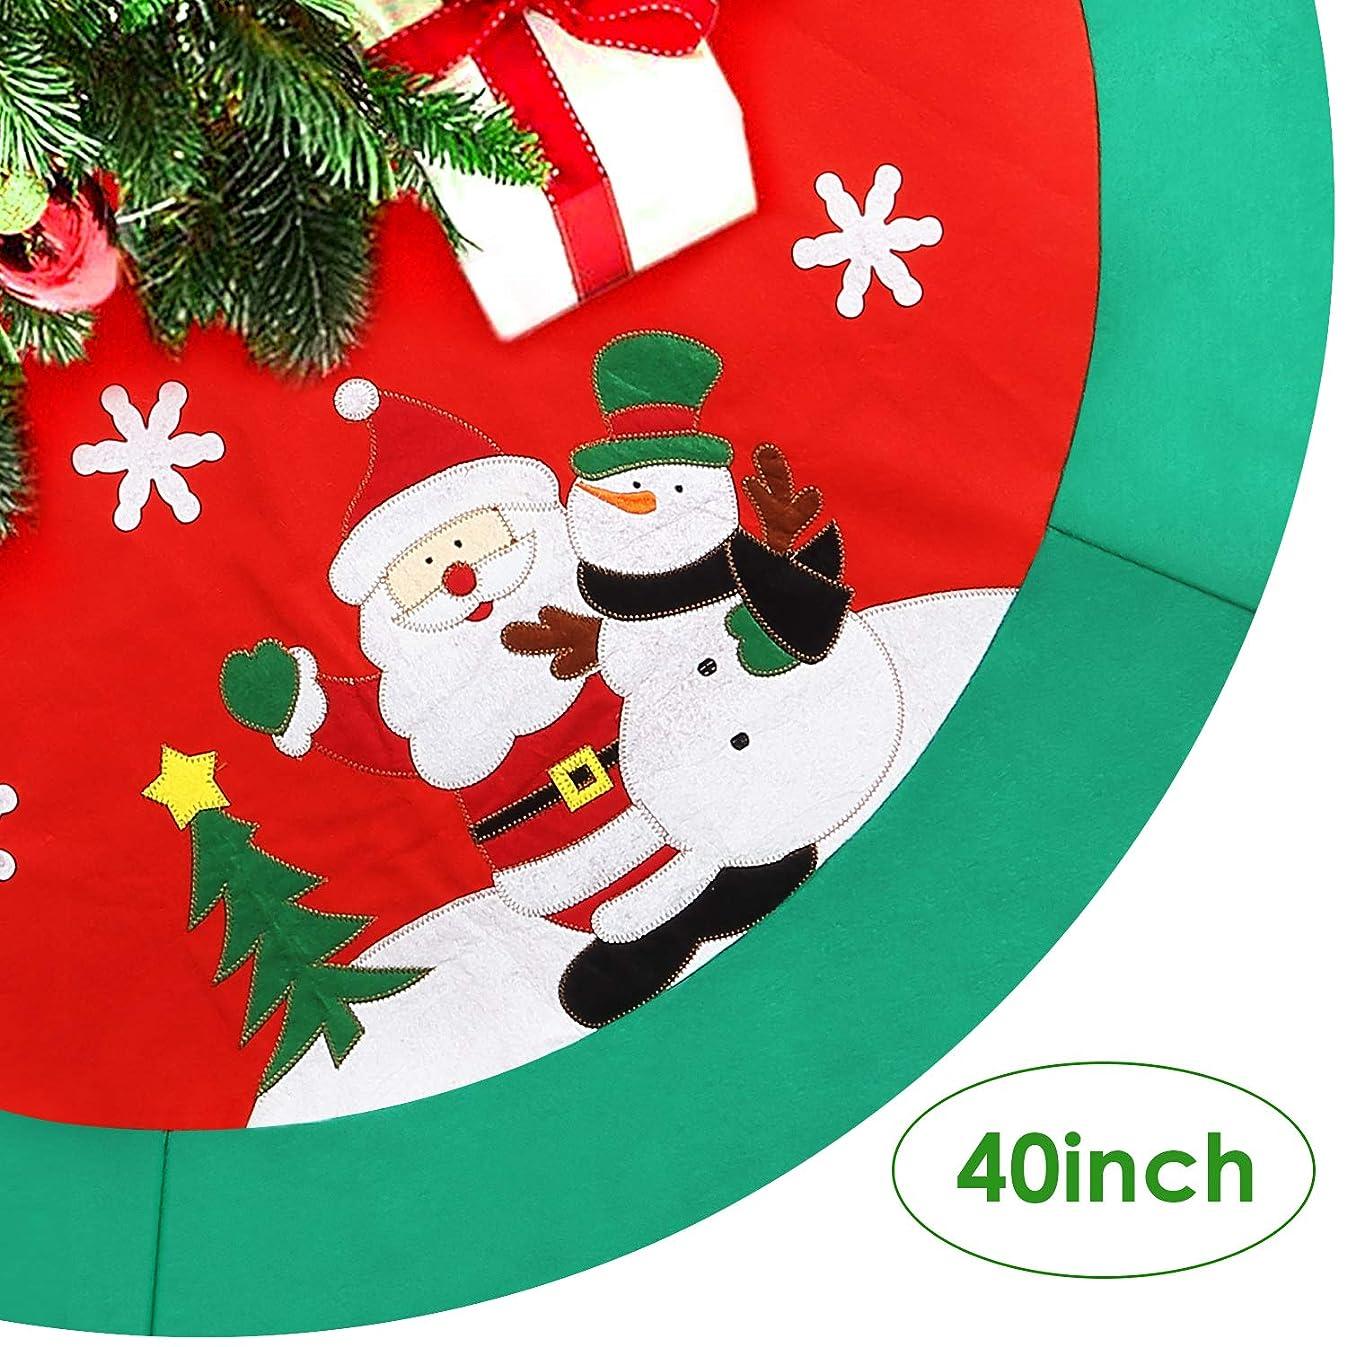 AGM Christmas Tree Skirt, 40'' Xmas Circle Apron Santa Snowman Pattern Holiday Party Decoration